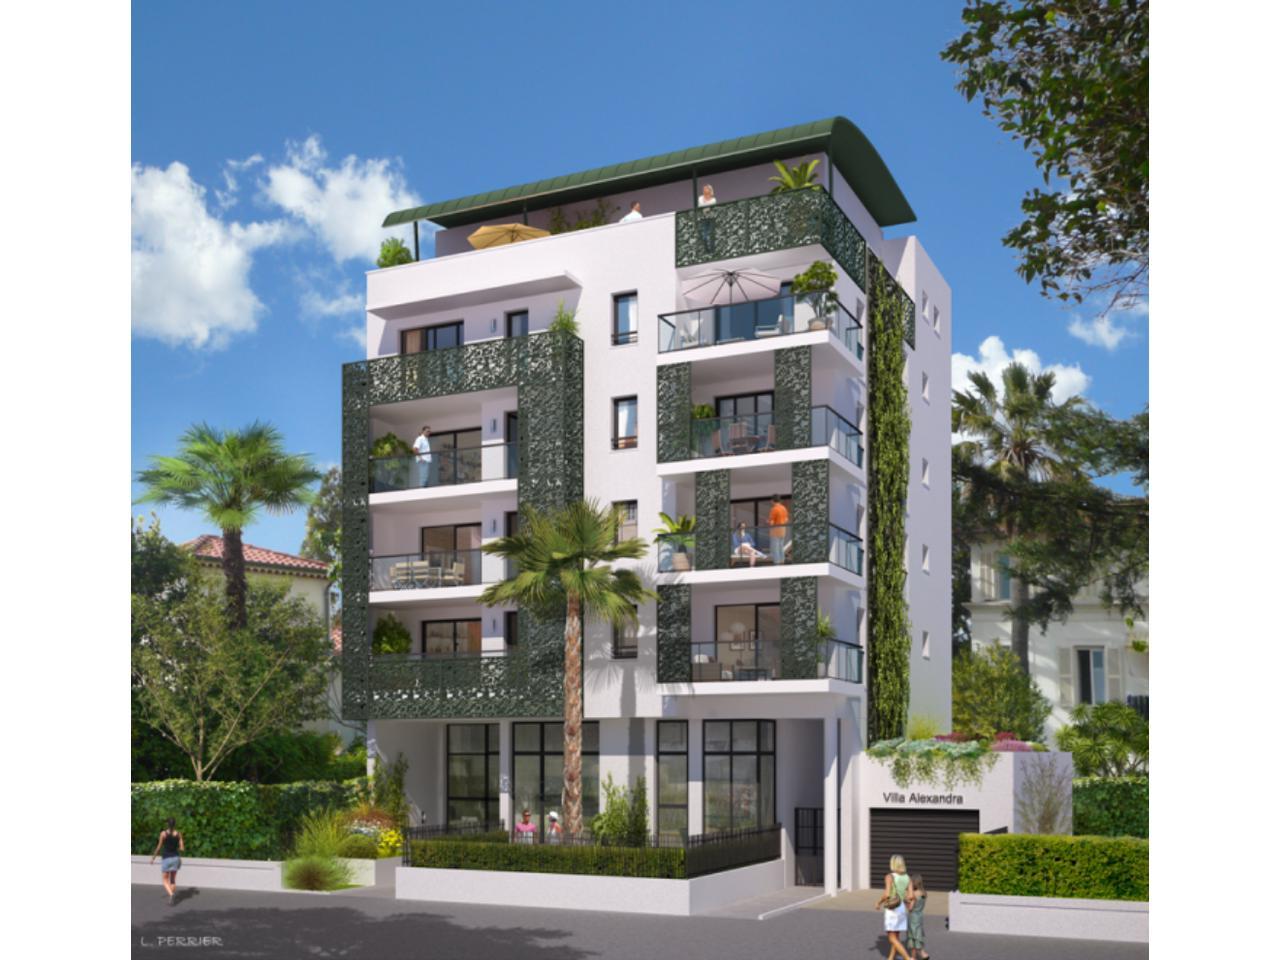 Des interrogations par rapport un futur achat immo for Projet achat immobilier